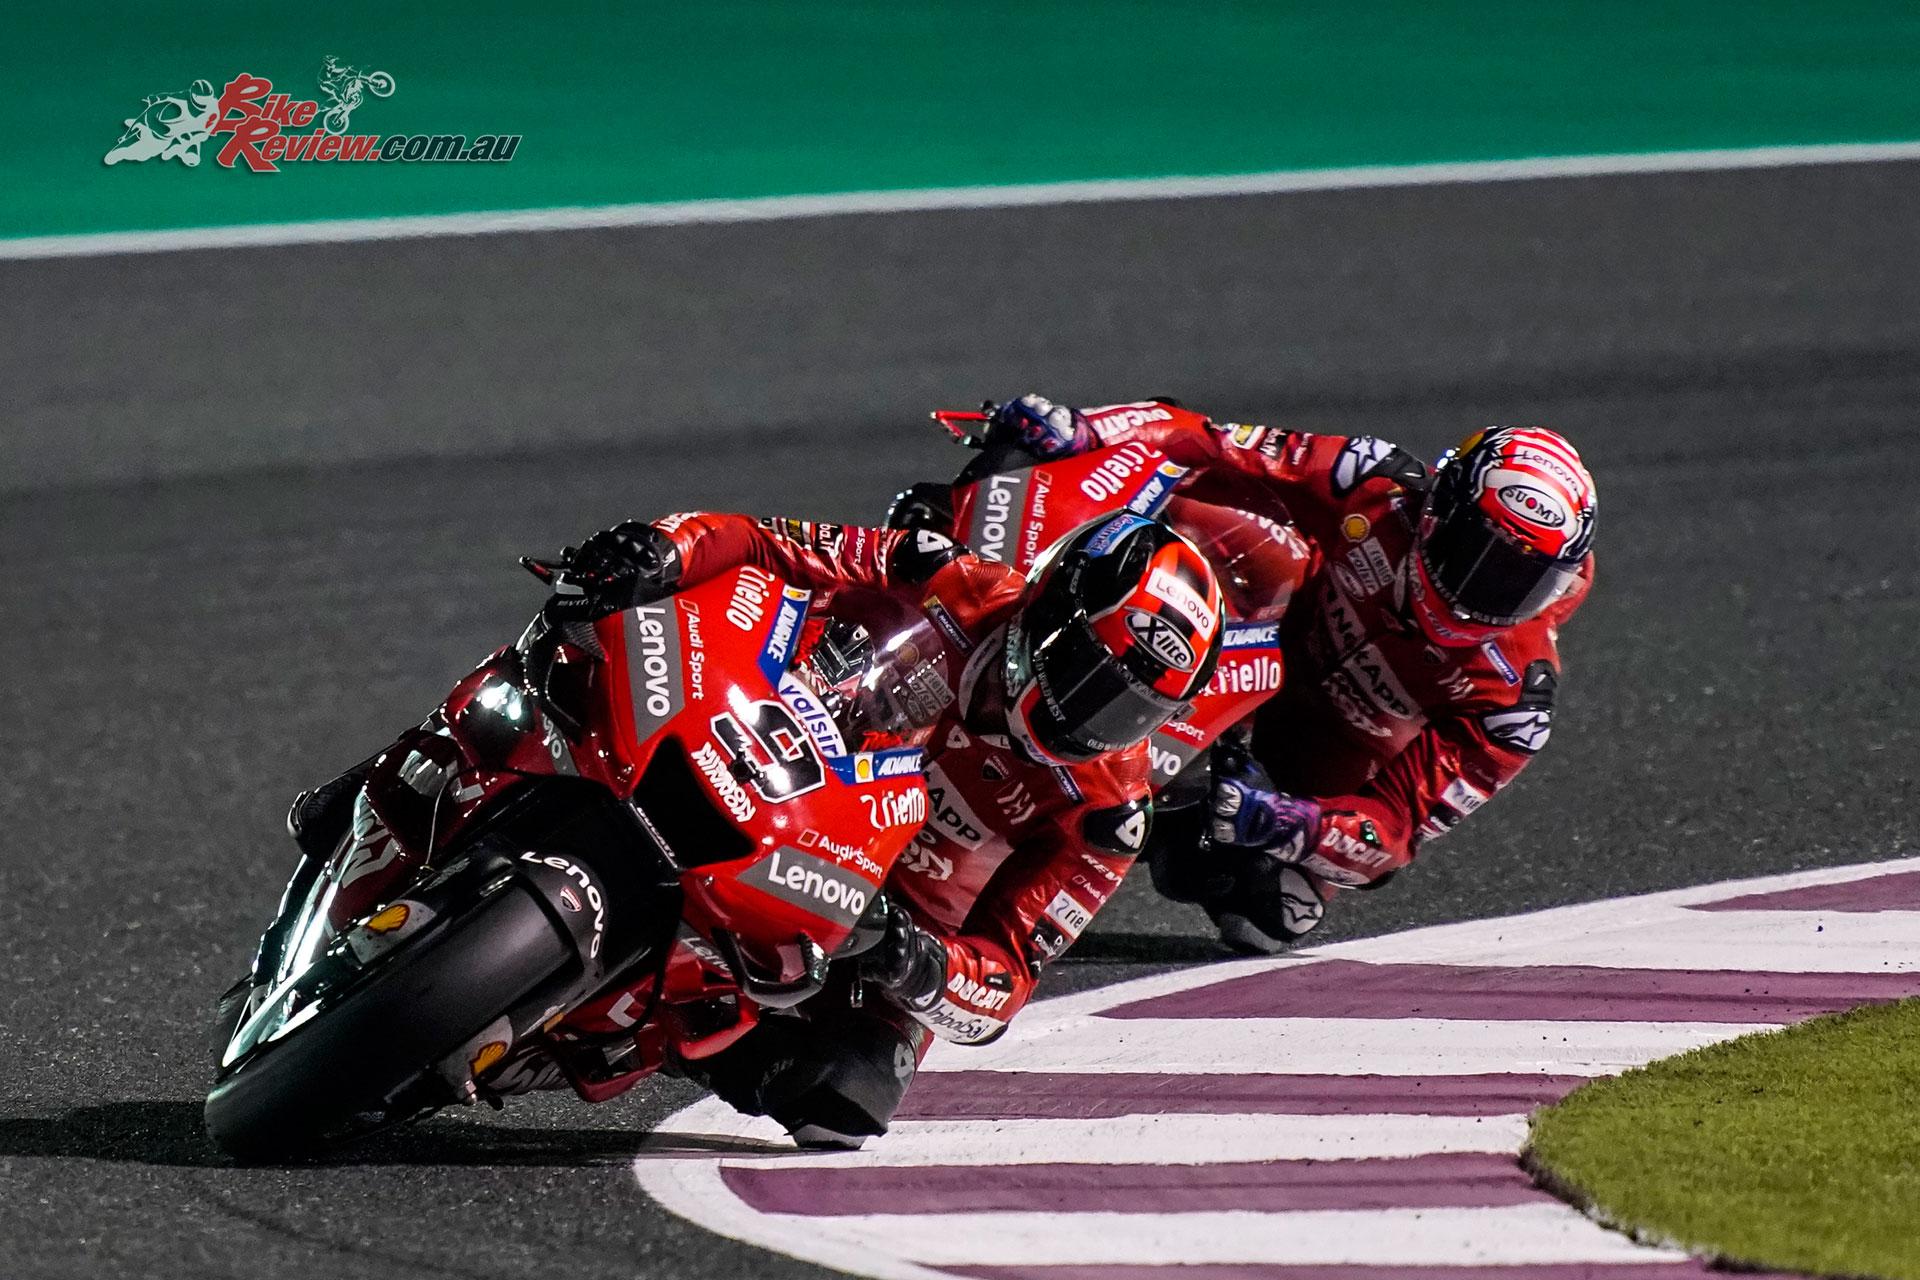 Danilo Petrucci - Qatar MotoGP - Round 1, 2019